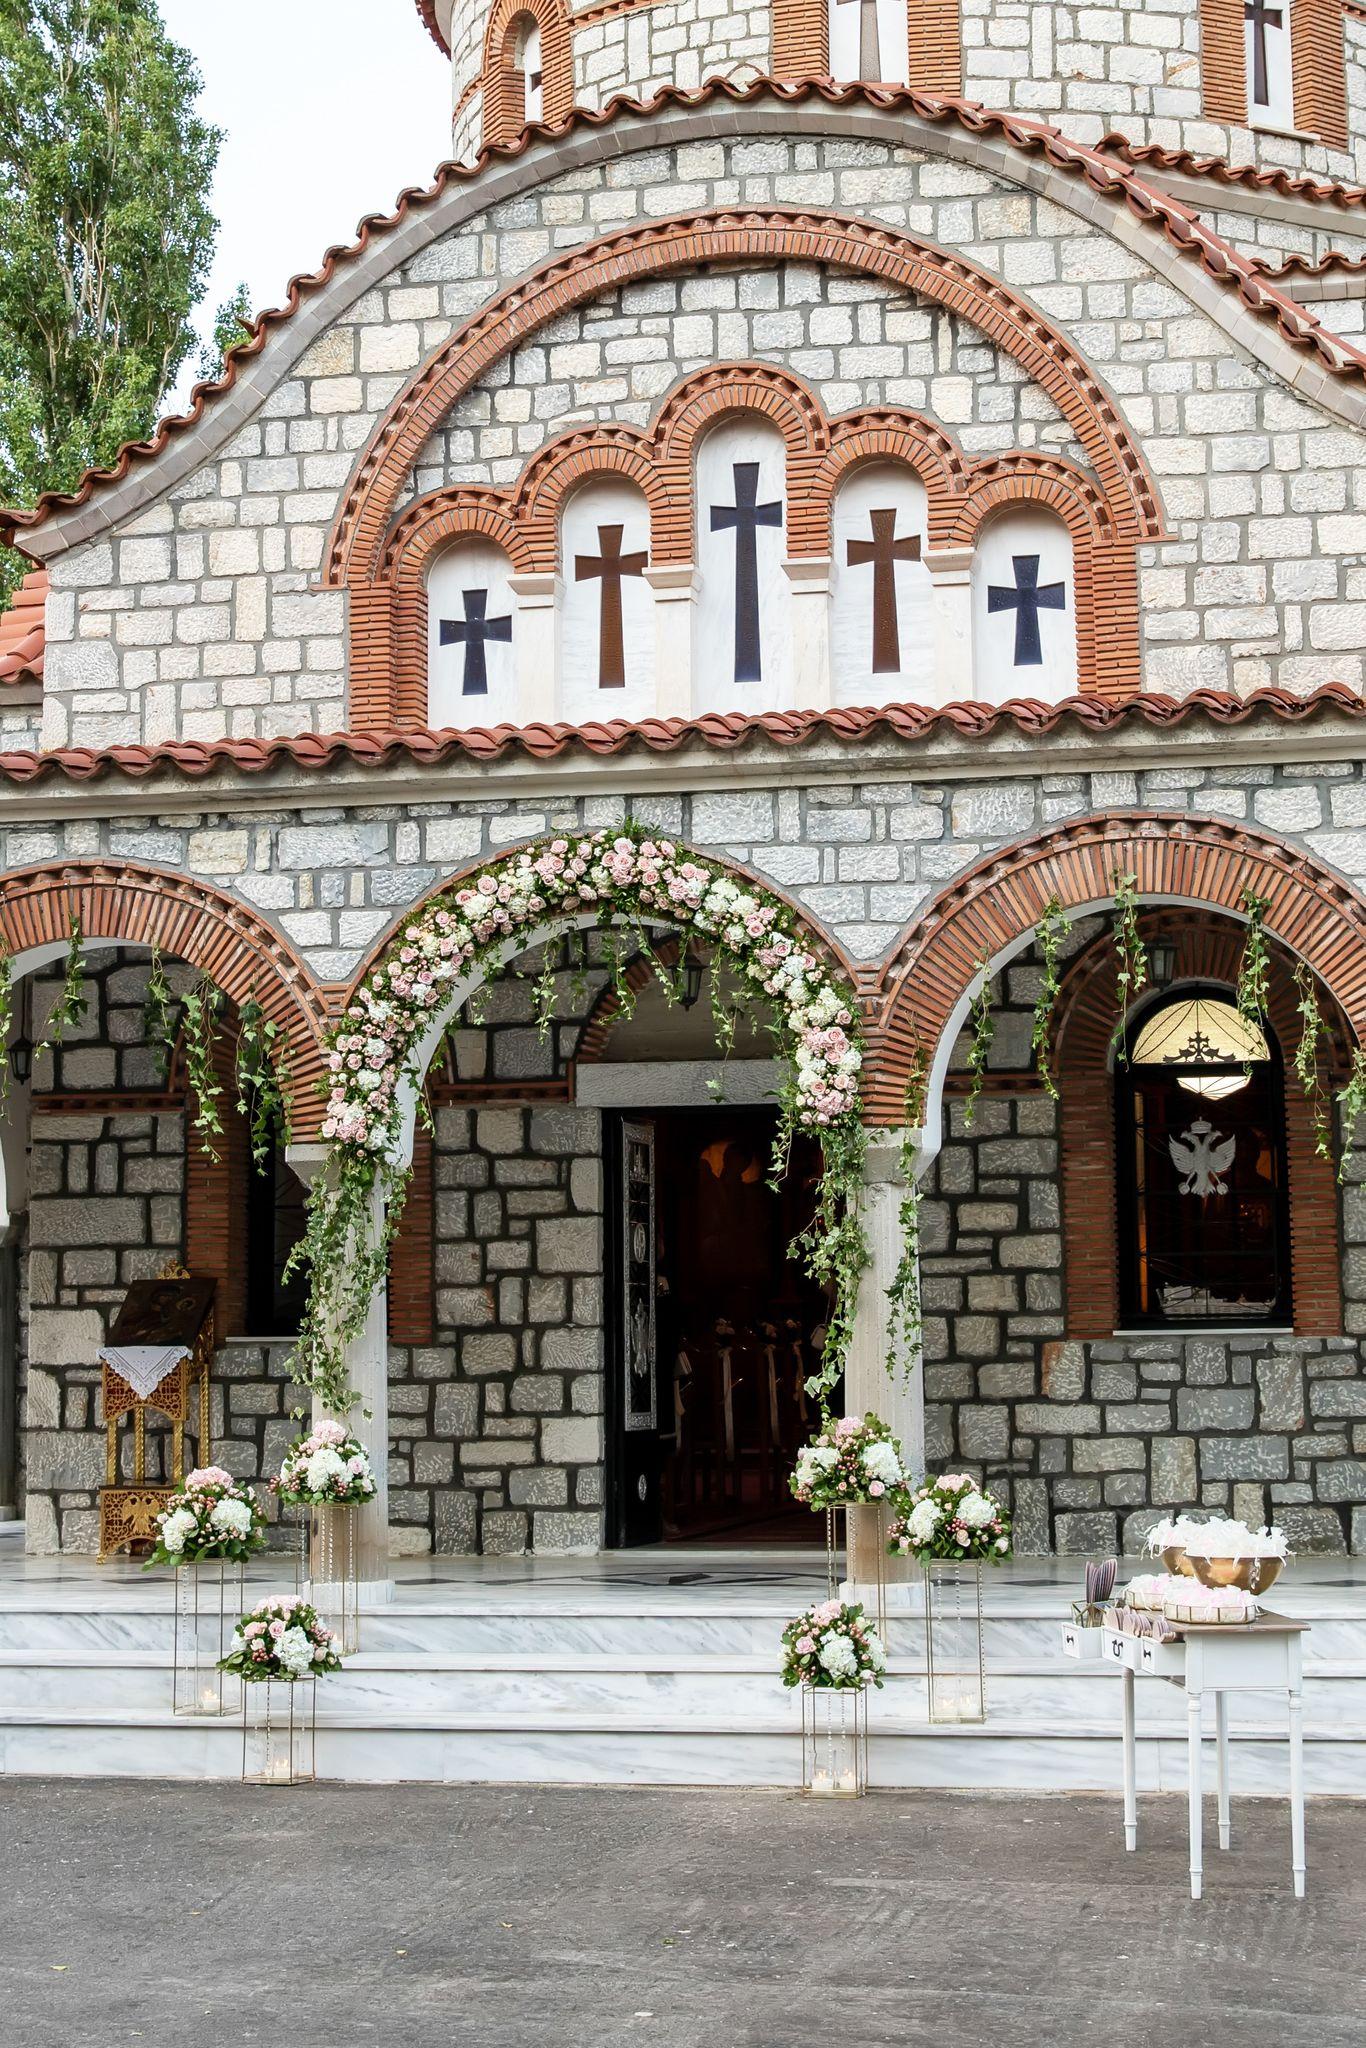 Όμορφος στολισμός εισόδου εκκλησίας με γιρλάντα λουλουδιών